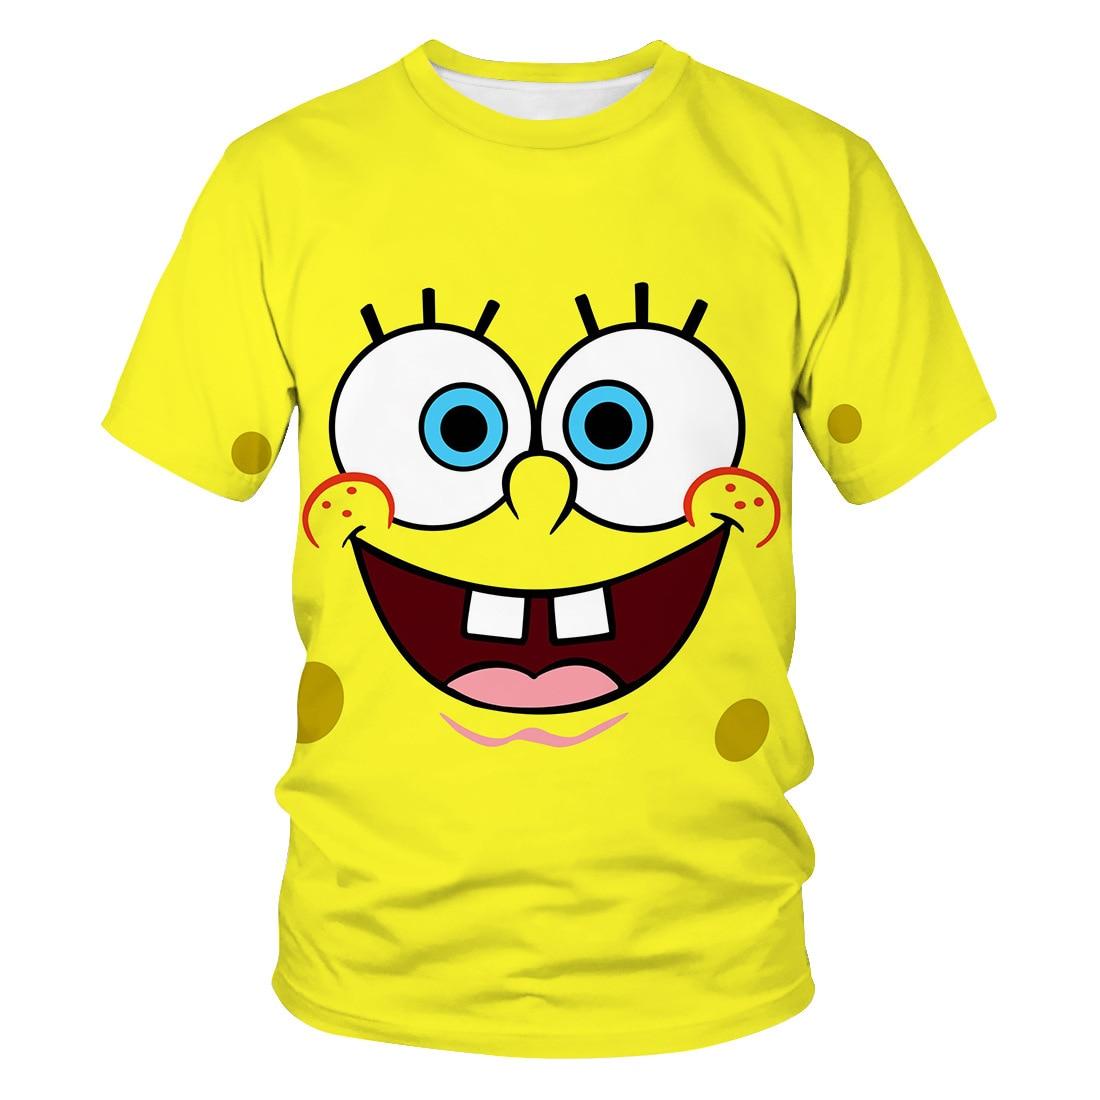 Summer New Children 3D T-shirt  Cute SpongeBob T-shirt Boys 3DT Shirt Girls 3DT-Shirt Cute Casual Top T-shirt